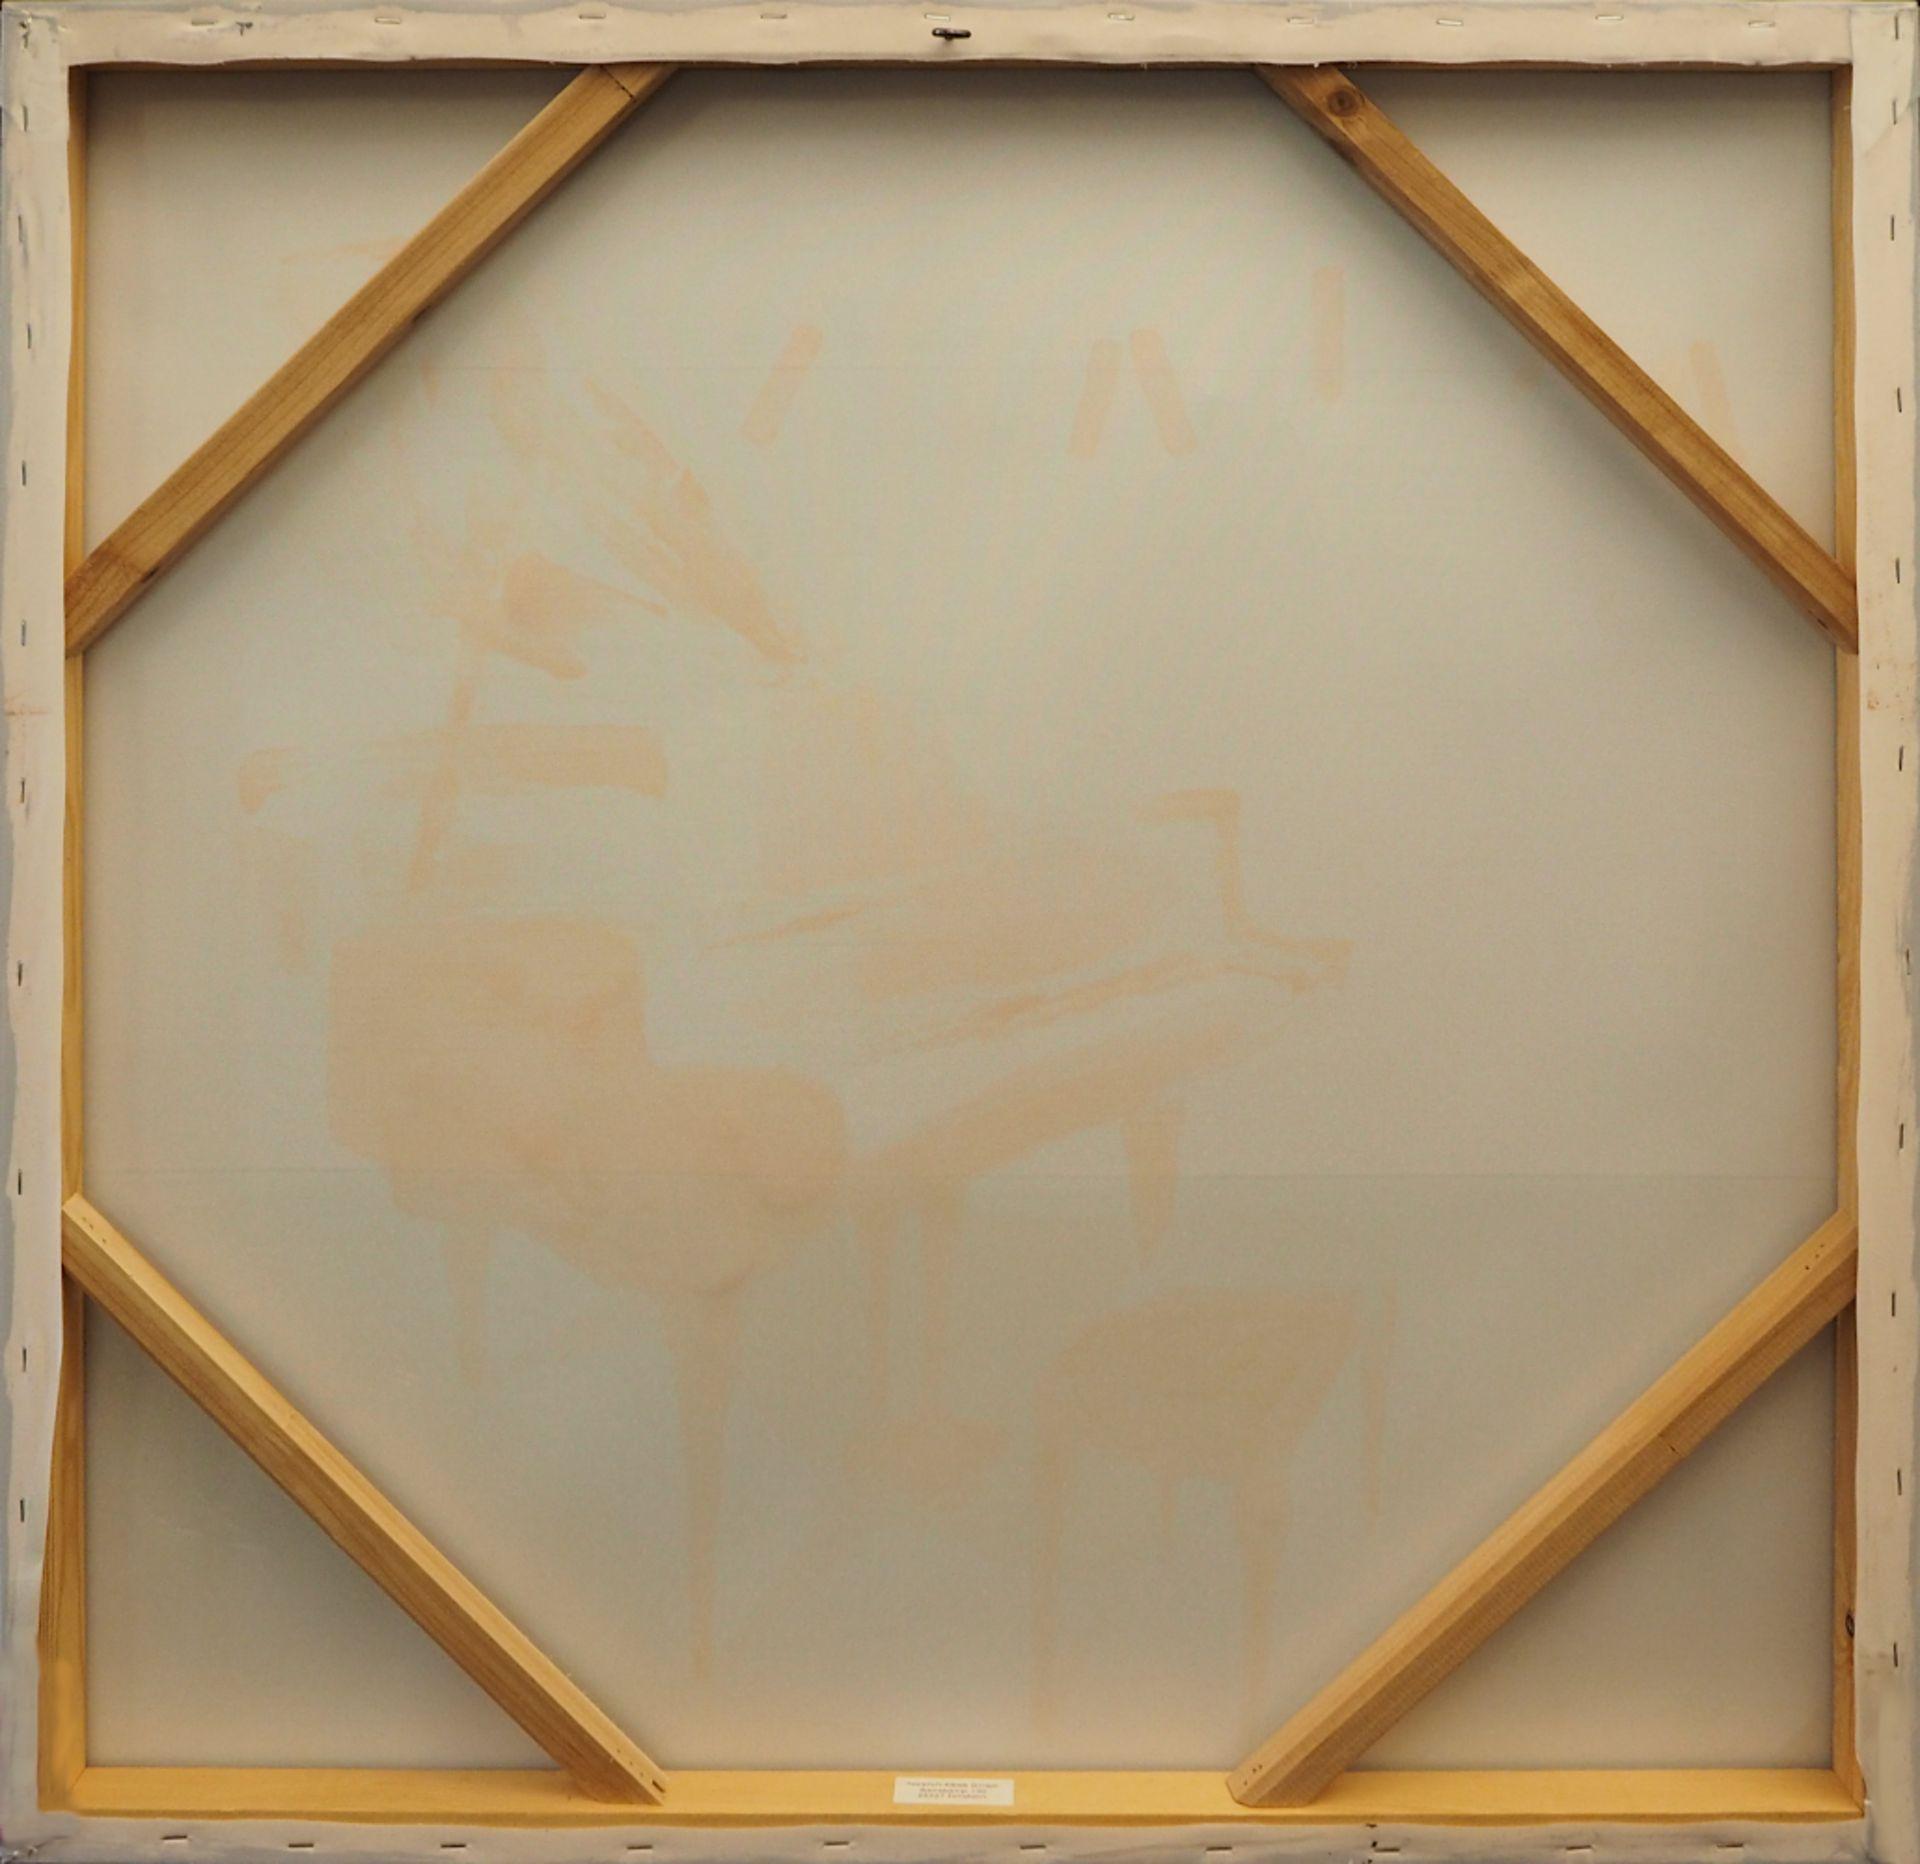 """1 Ölgemälde unsign. 20.Jh., """"Bunter Flügel"""", Öl/Lwd., ca. 80x80cm, Asp. - Bild 2 aus 2"""